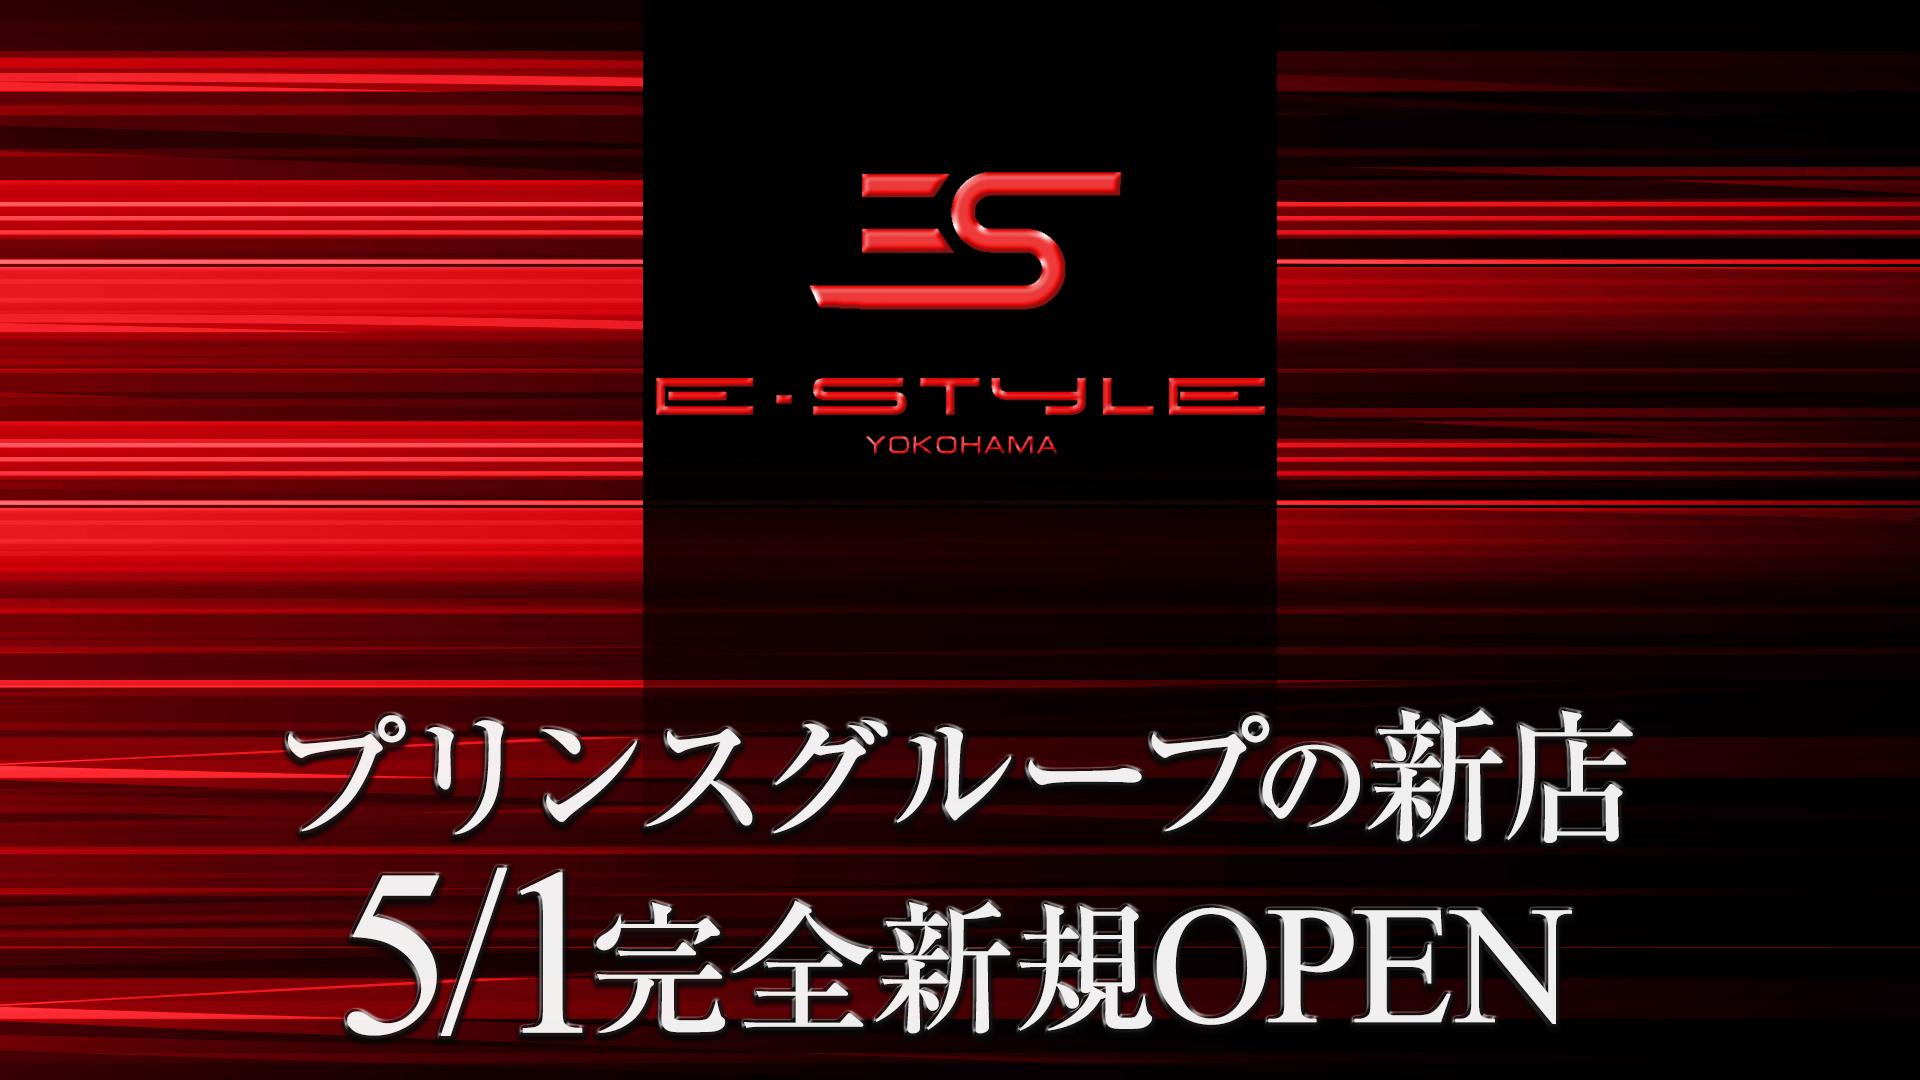 横浜 E-STYLE[イースタイル] 横浜 キャバクラ TOP画像